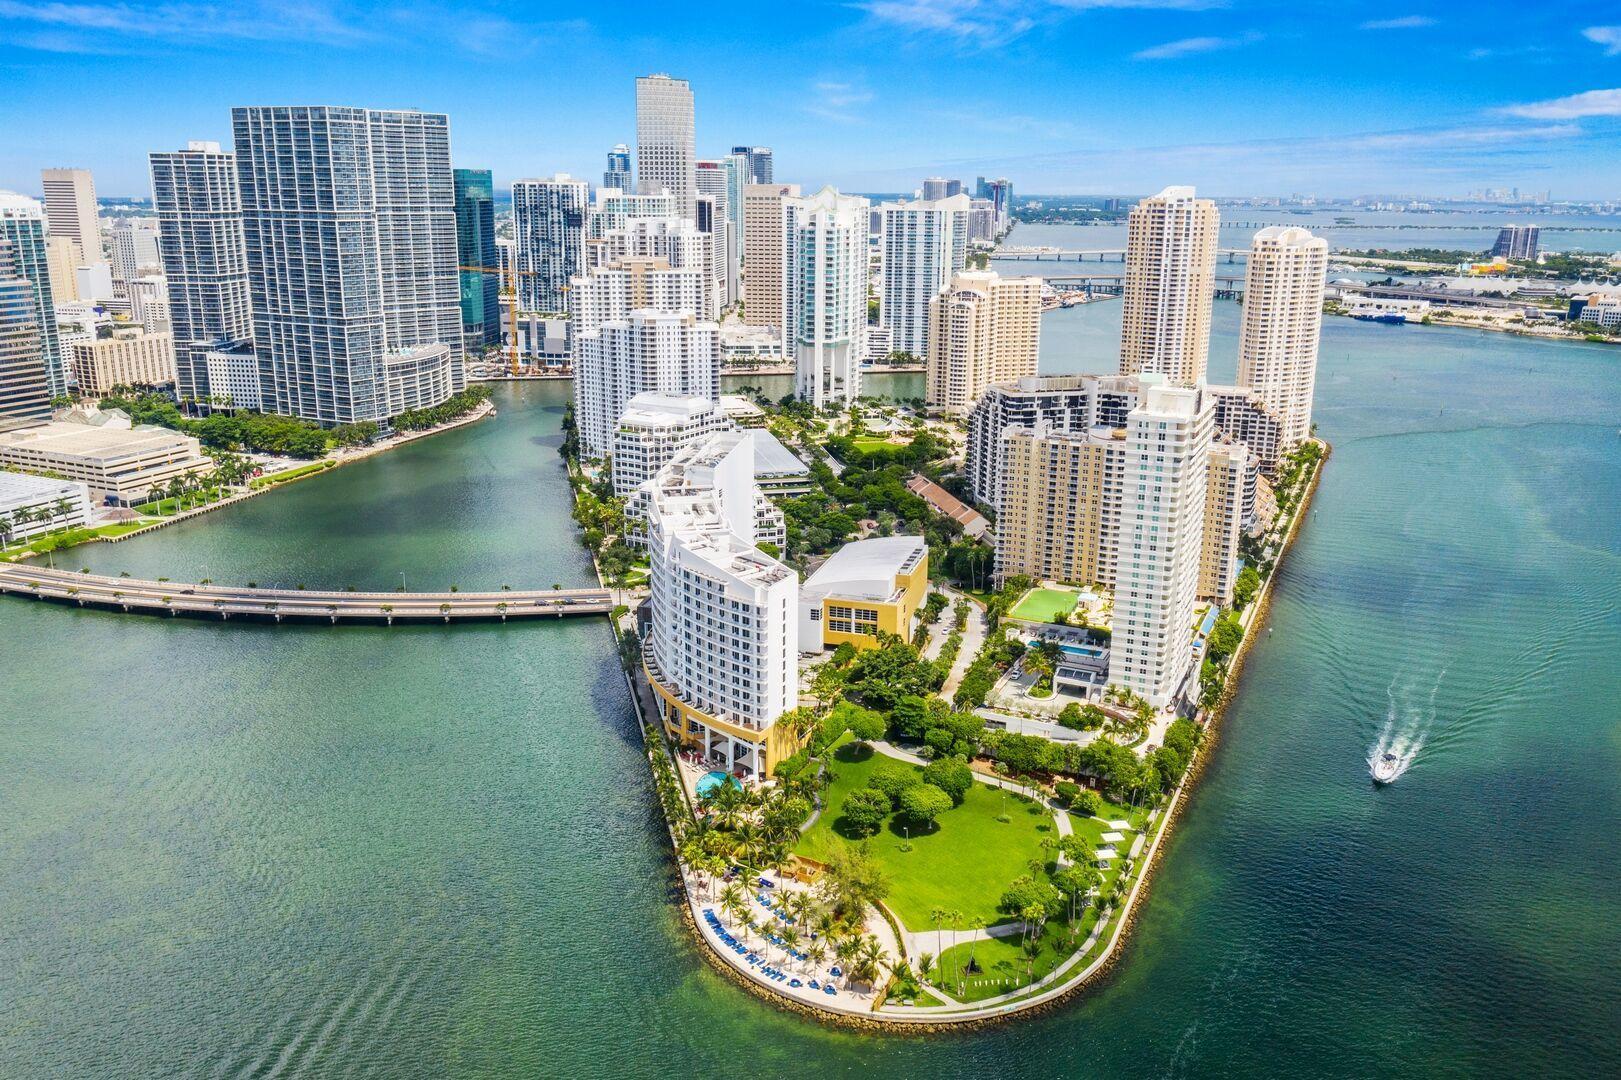 540 Brickell Key Drive 1413 Miami, FL 33131 Miami FL 33131